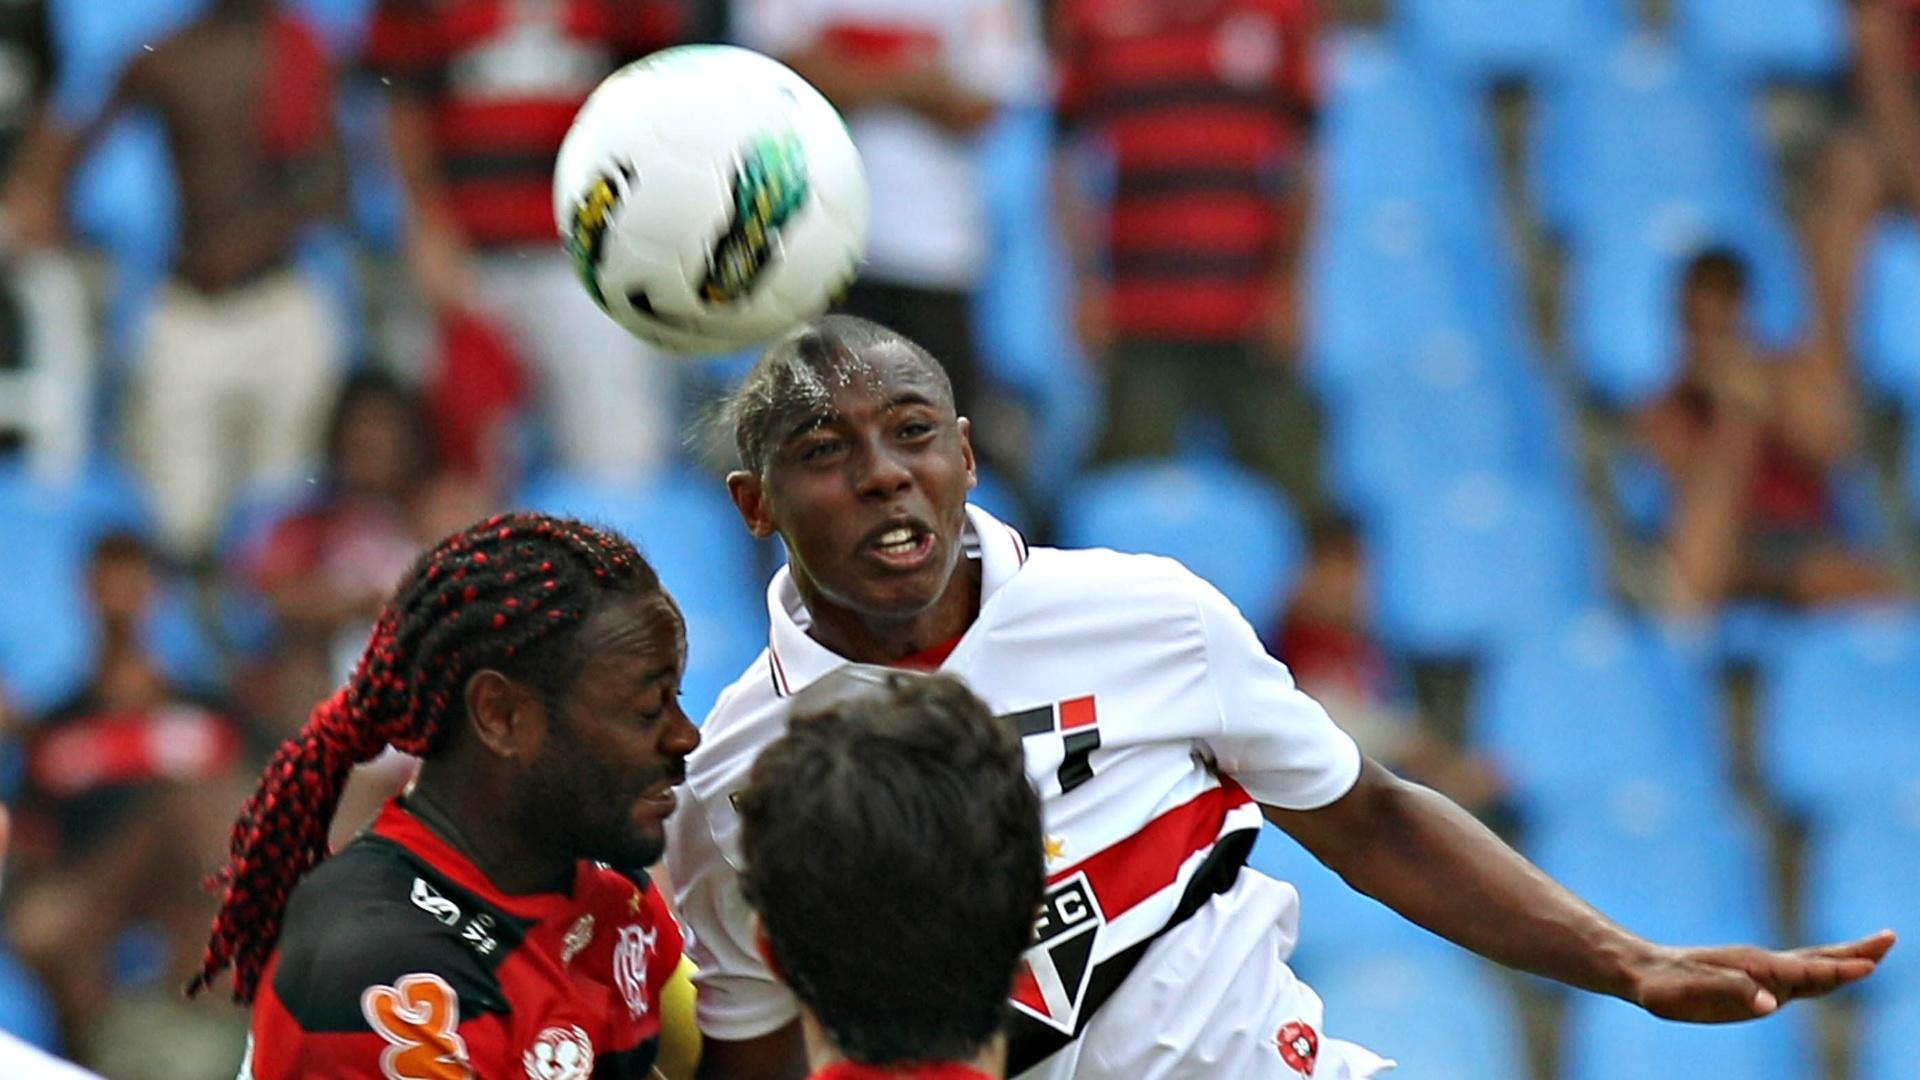 Wellington disputa bola aérea com Vagner Love durante partida entre São Paulo e Flamengo no Engenhão